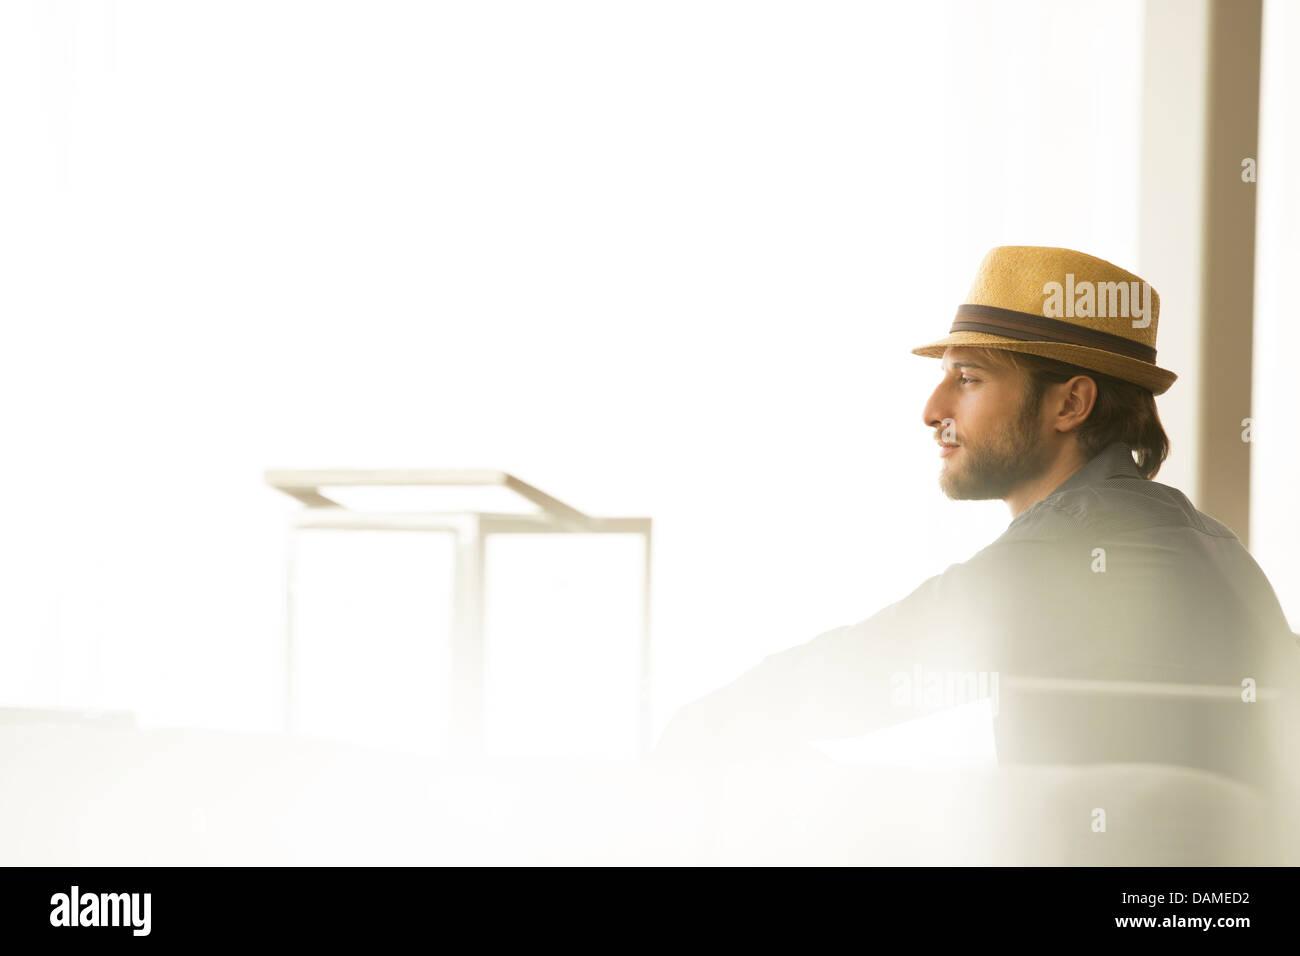 El hombre en el sombrero de paja mirando por la ventana Imagen De Stock